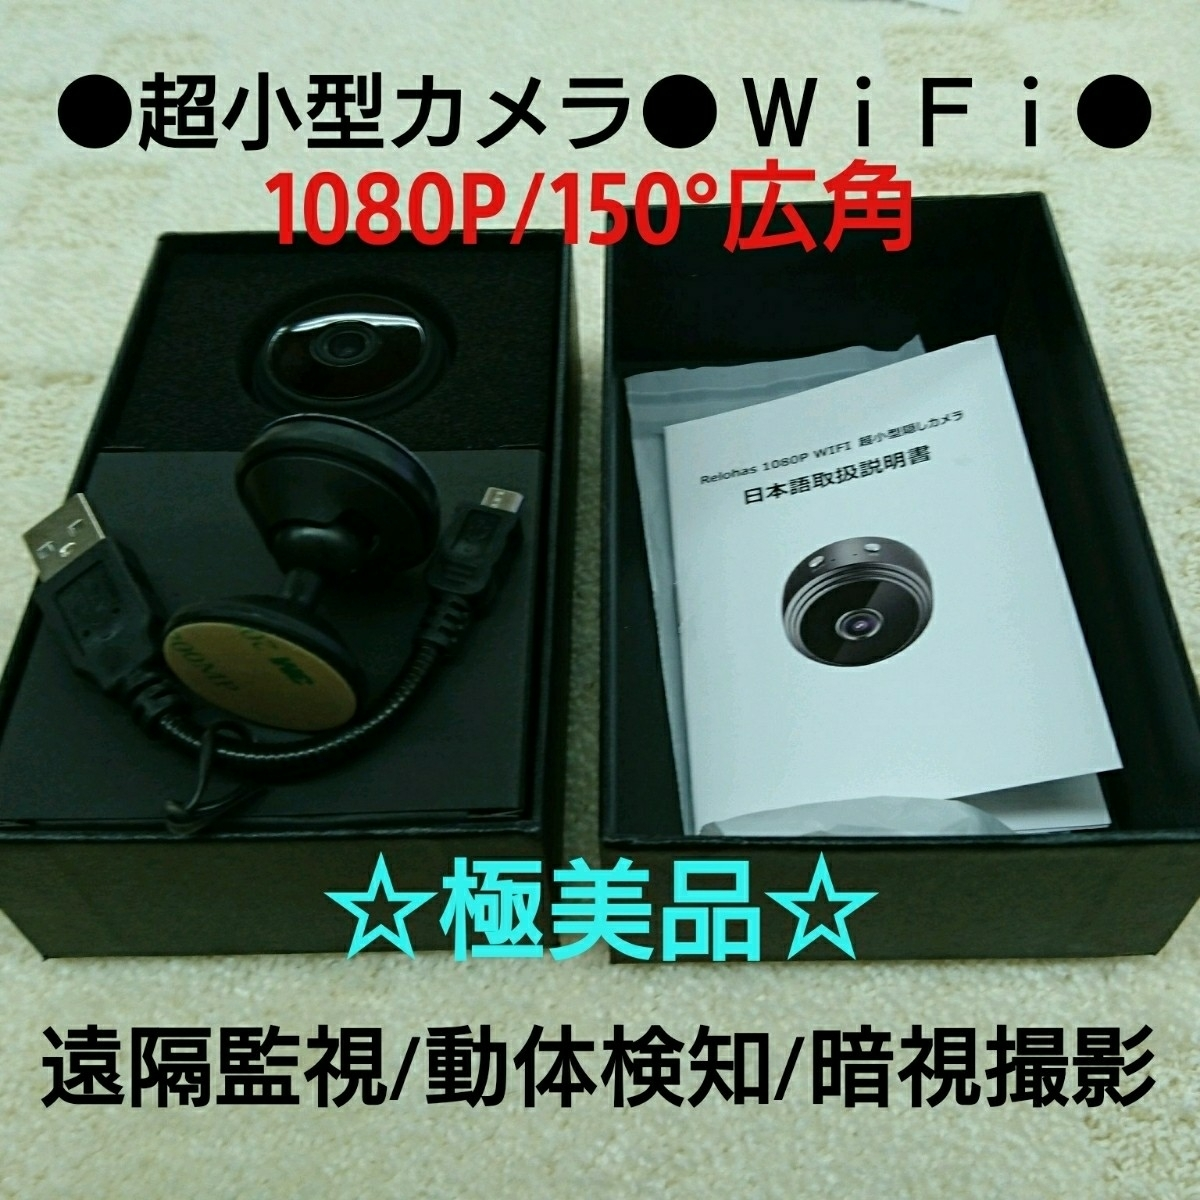 ☆極美品☆ 超小型カメラ 150°広角 1080P高画質 WiFi 動体検知 暗視撮影 遠隔監視 防犯 会議の記録 赤ちゃんやペットの監視等に